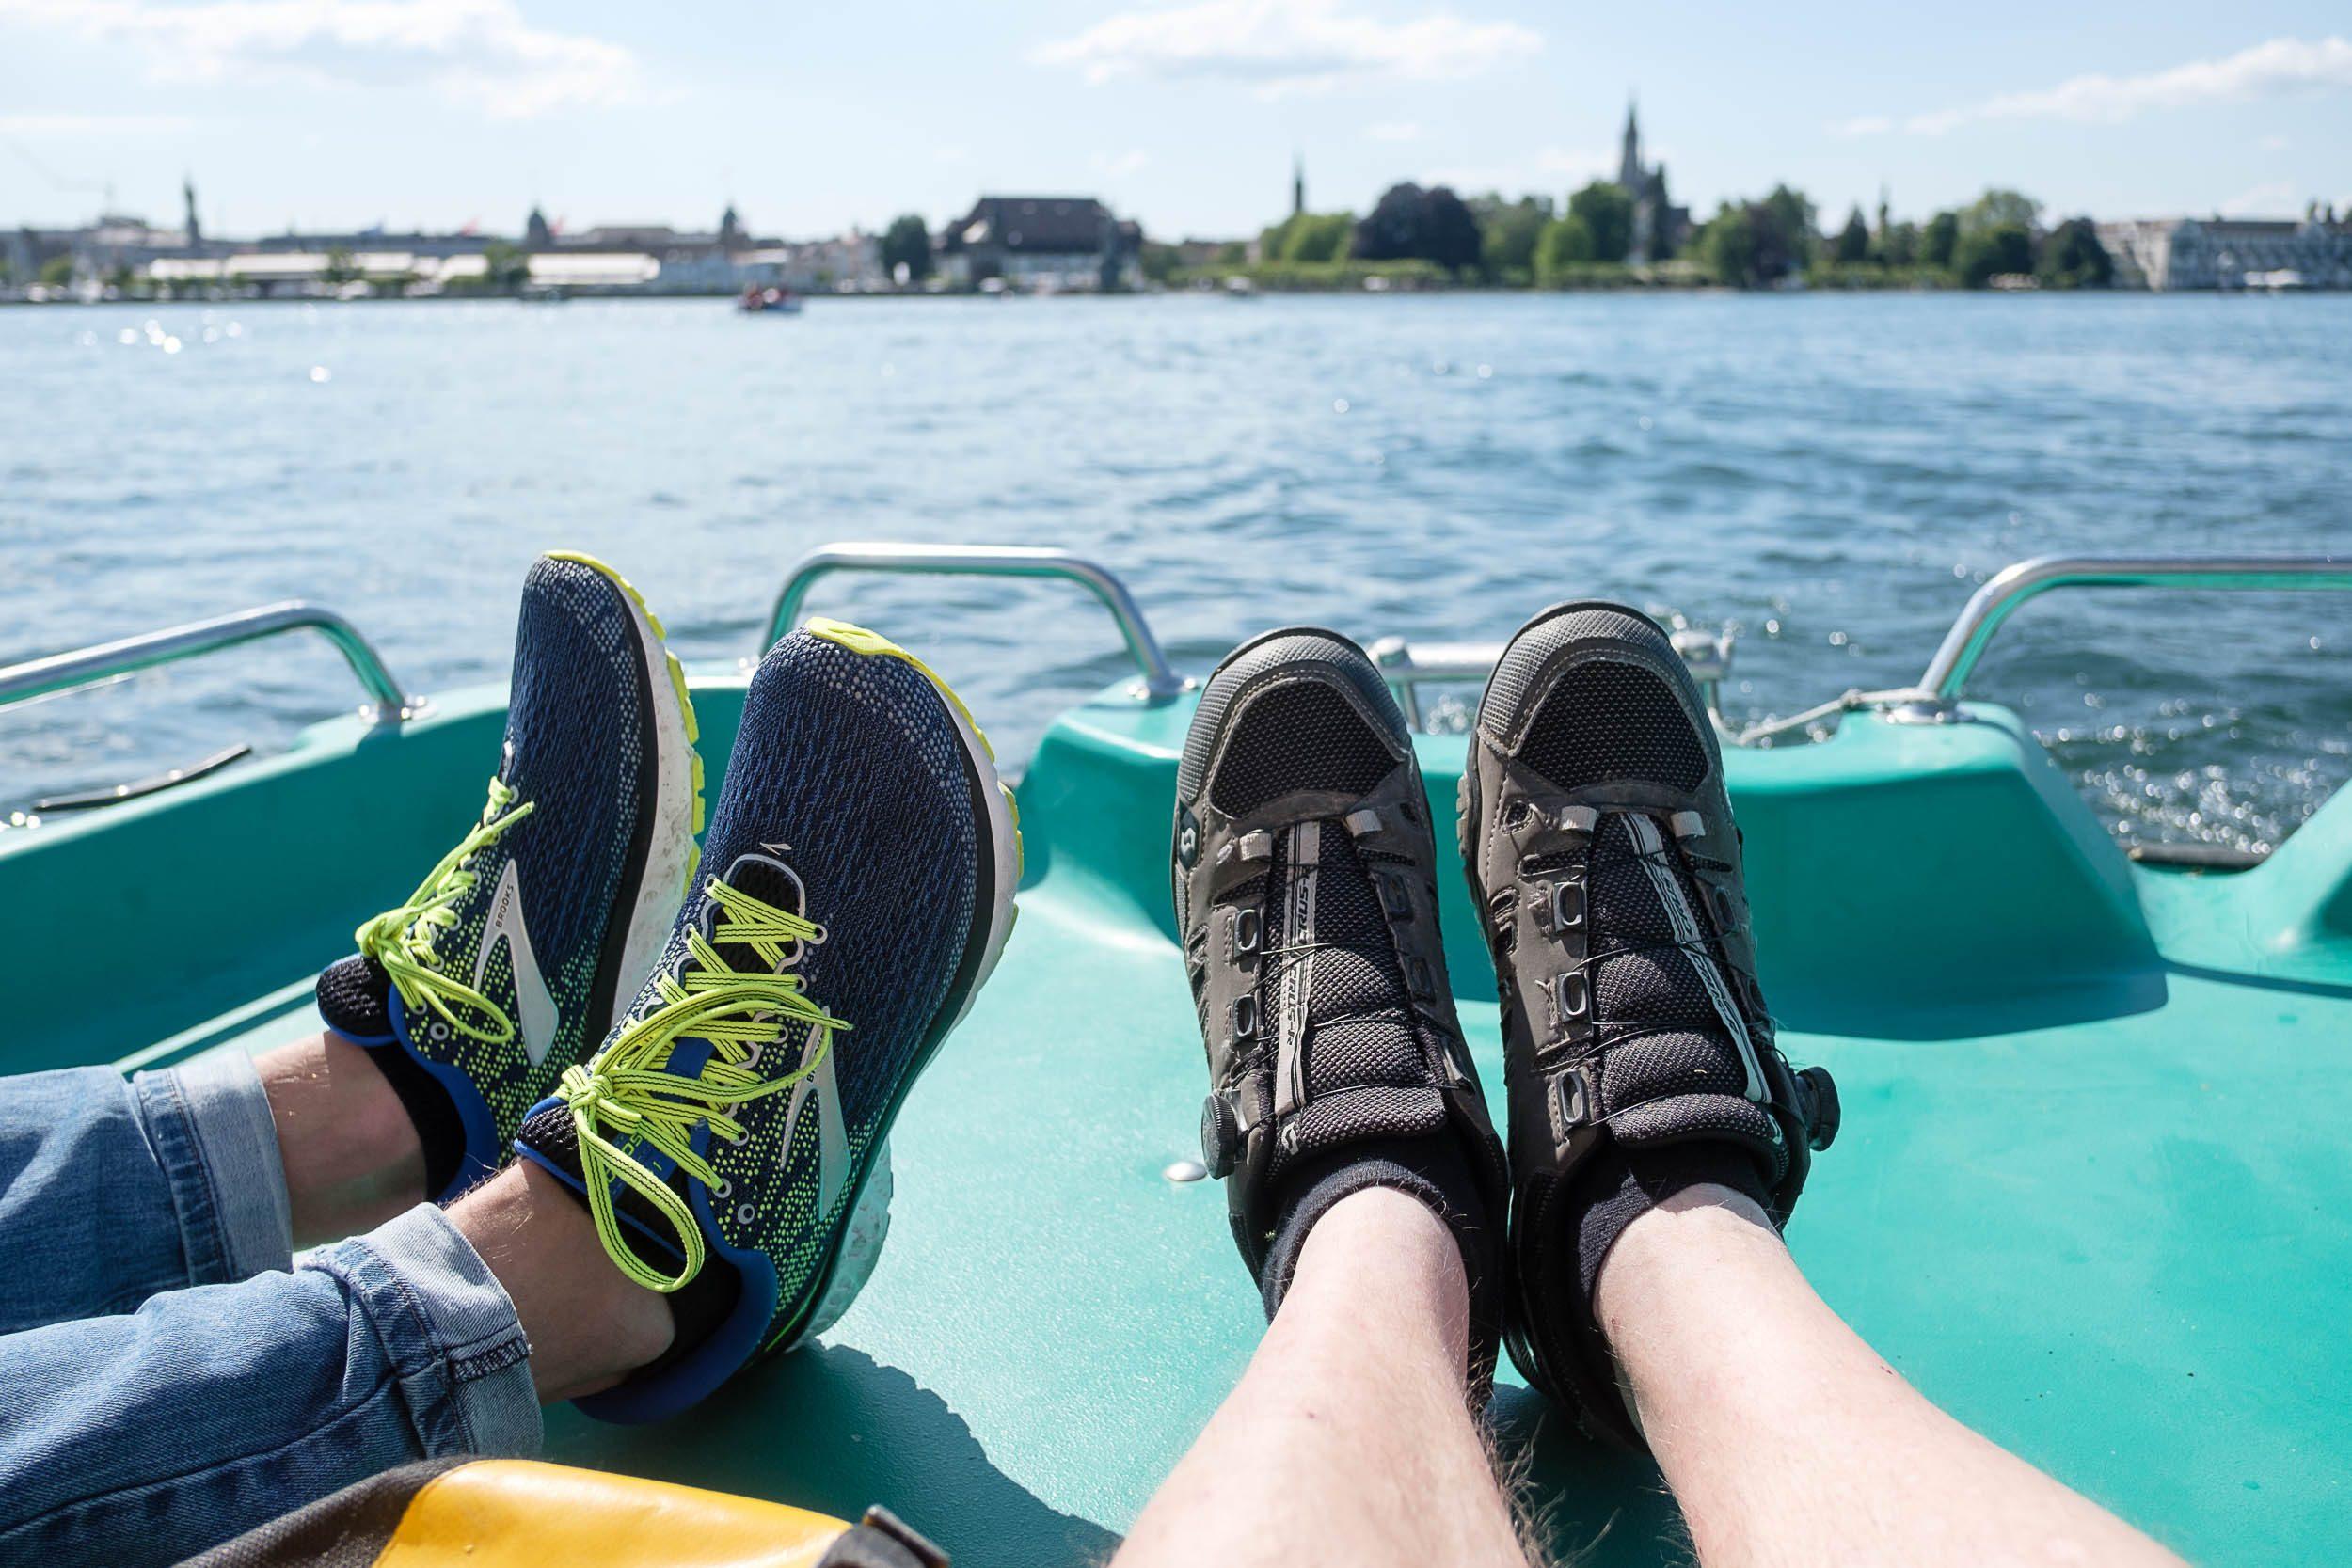 Tretbootfahren auf dem Bodensee